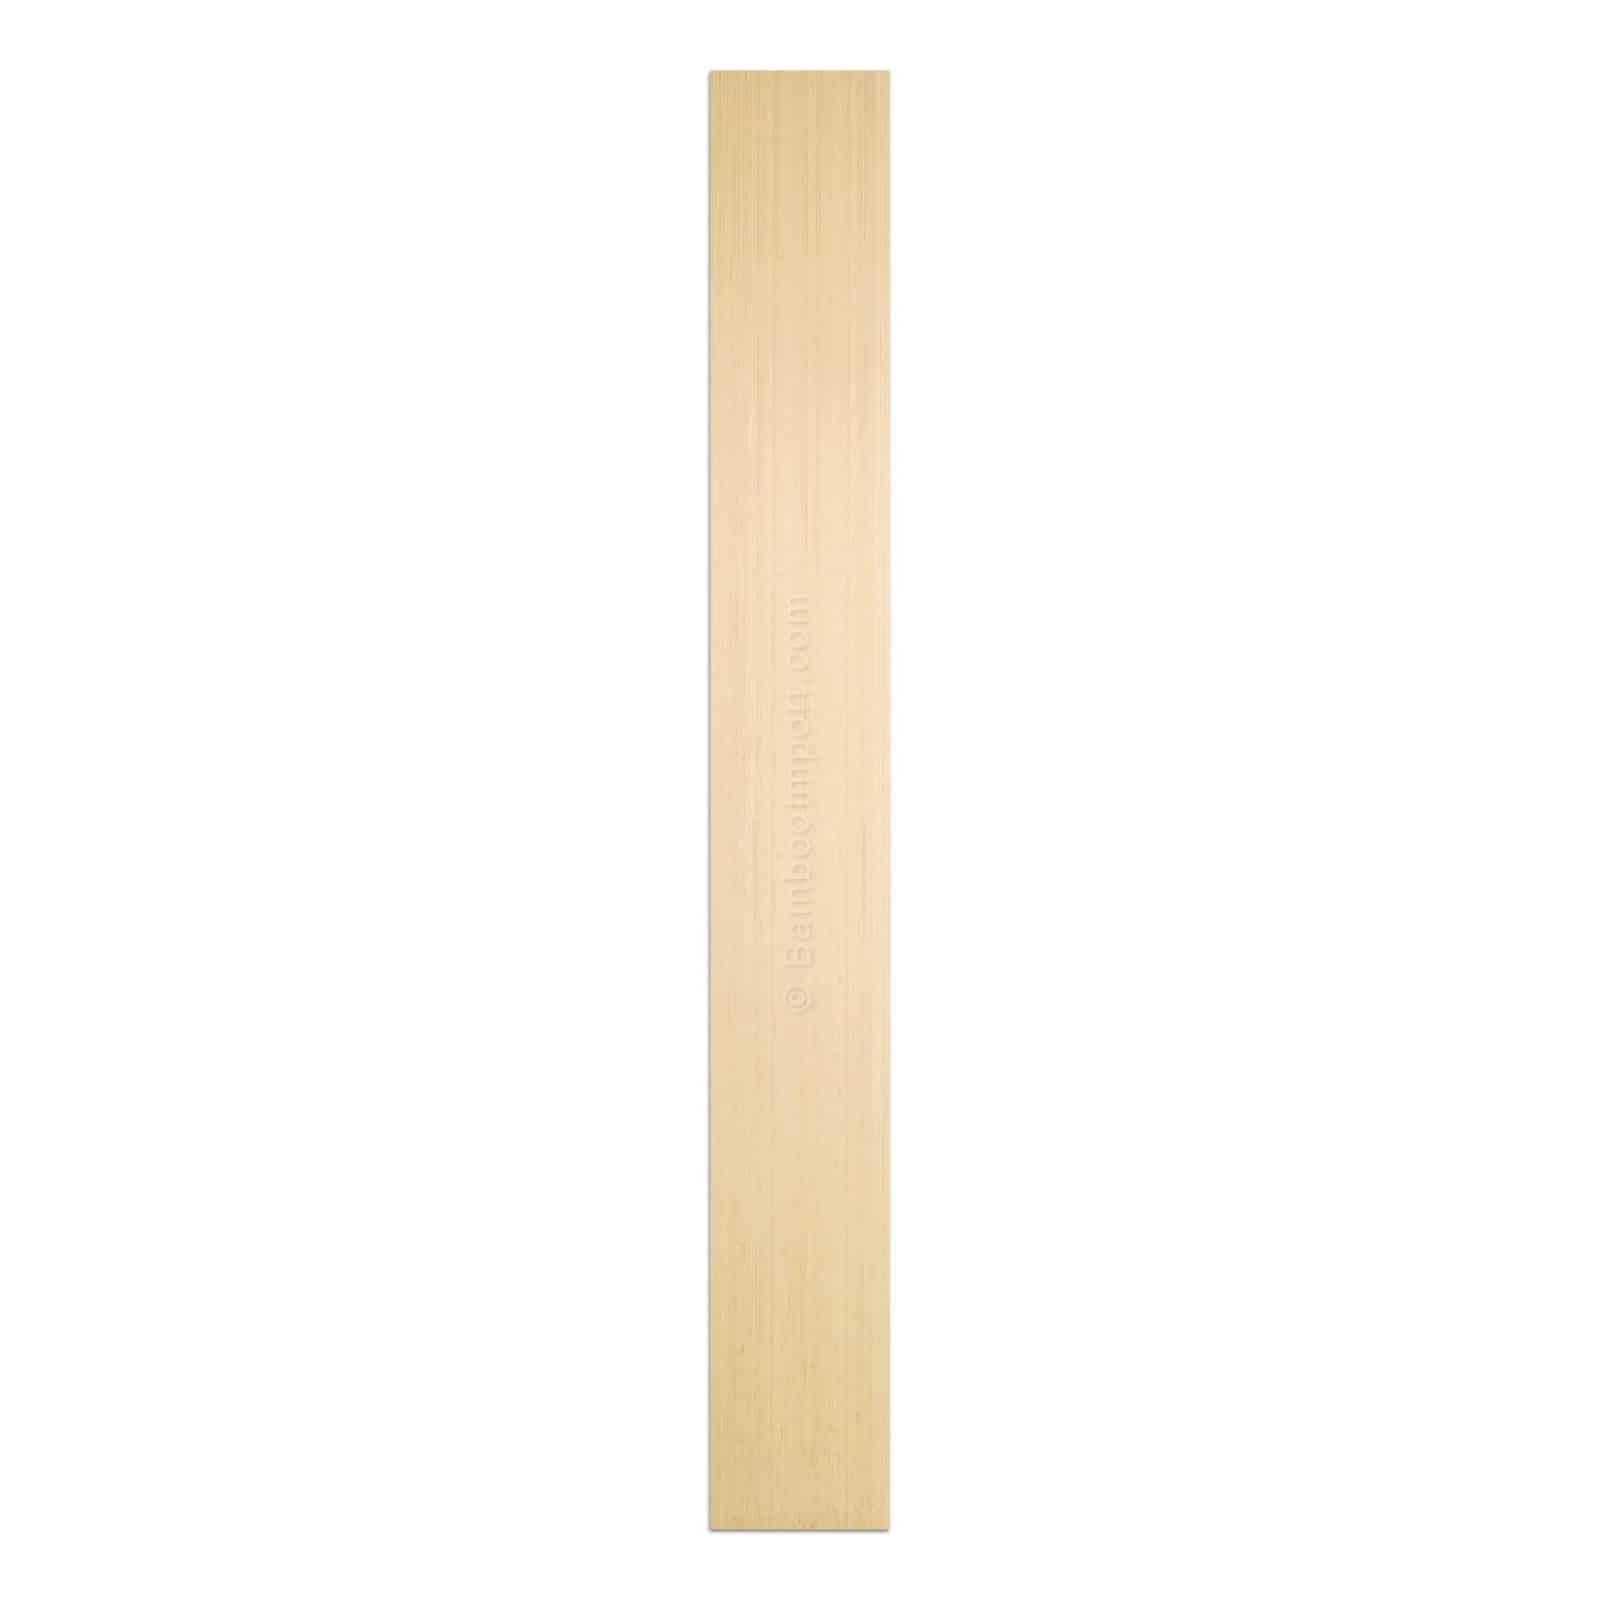 Bamboe plaat naturel 3 laags verticaal 2440x300x10 mm